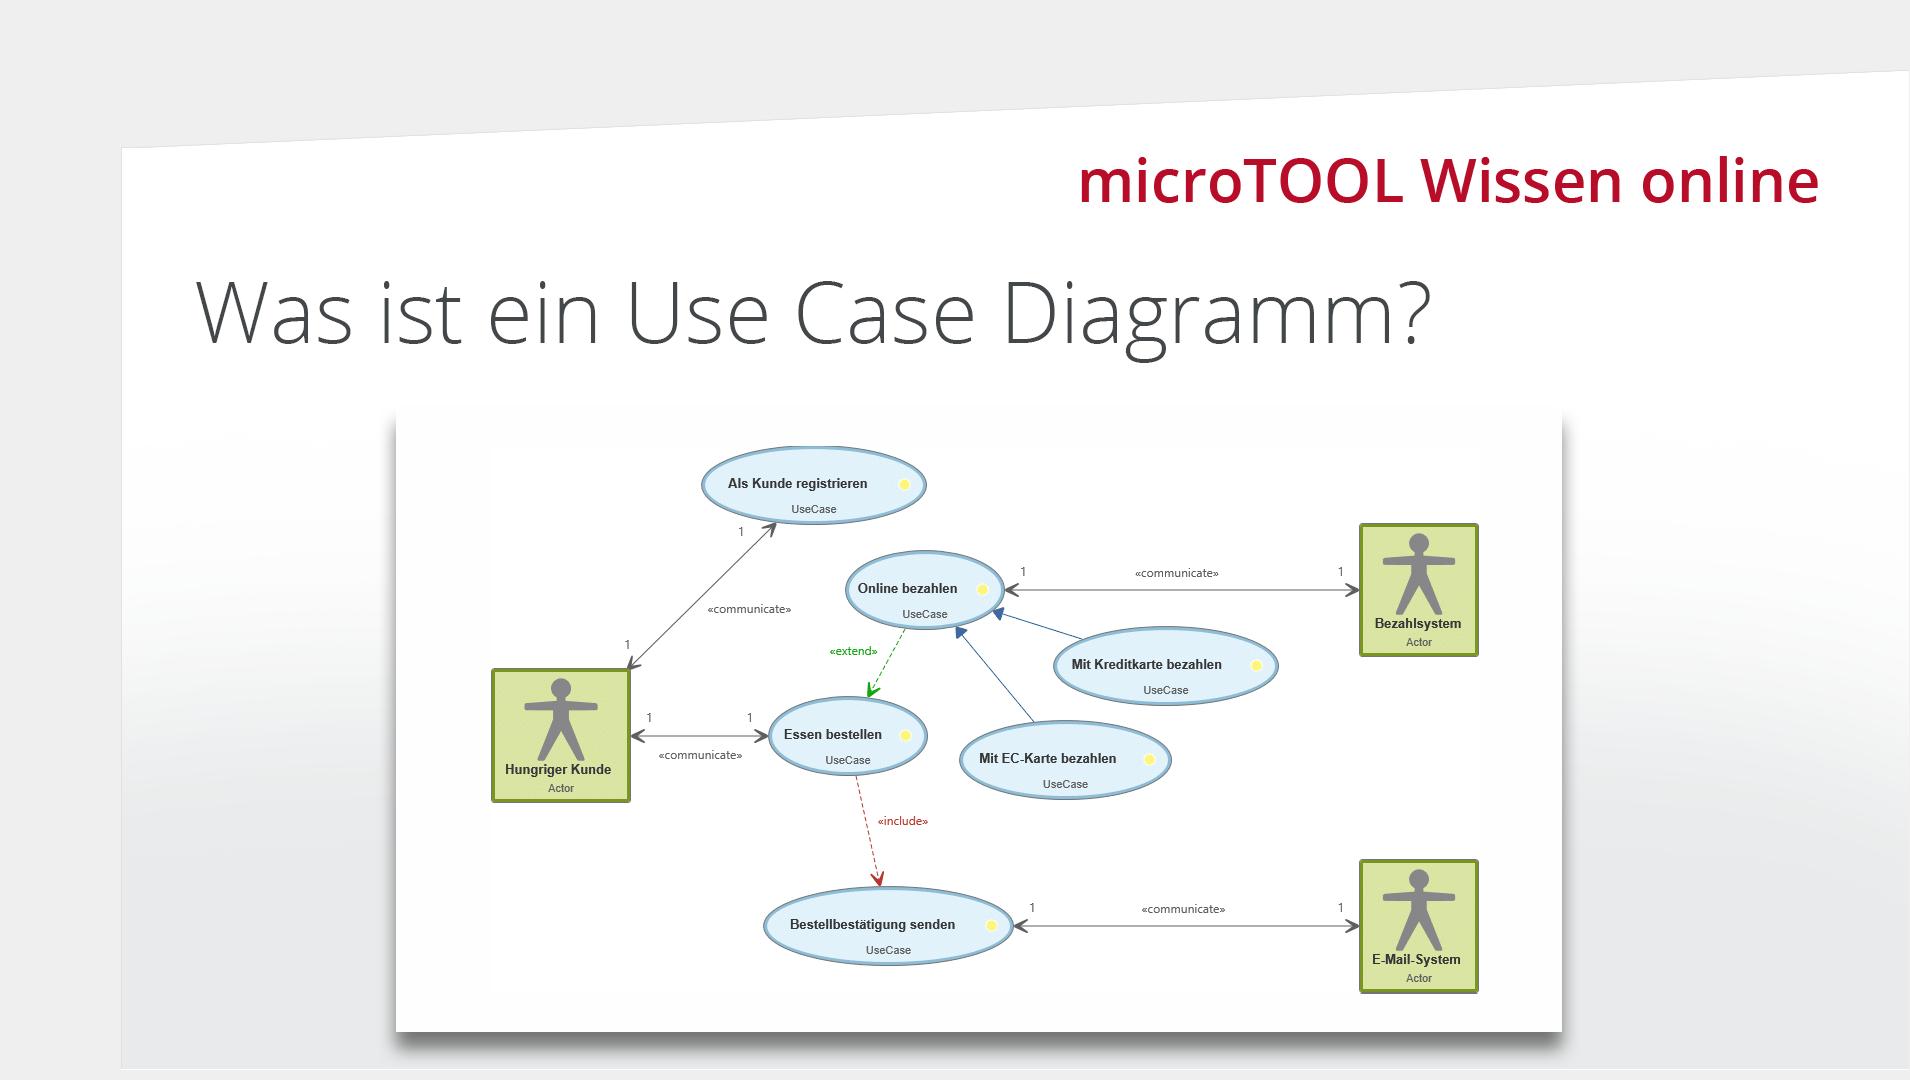 Was ist ein Use Case Diagramm?